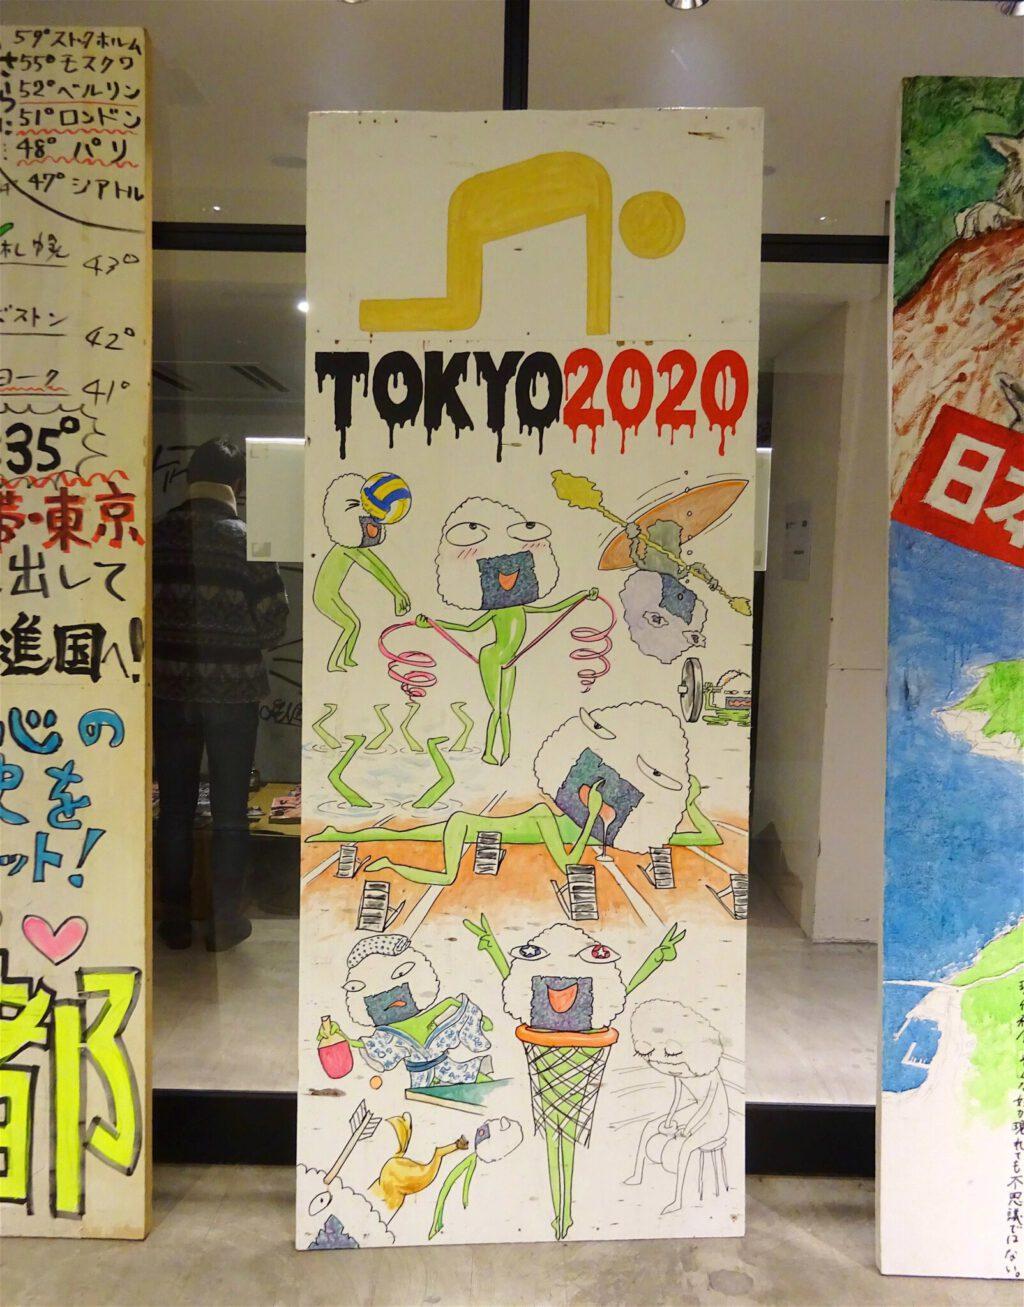 会田誠 AIDA Makoto 「TOKYO 2020」タテカン standing signboard (2018?)